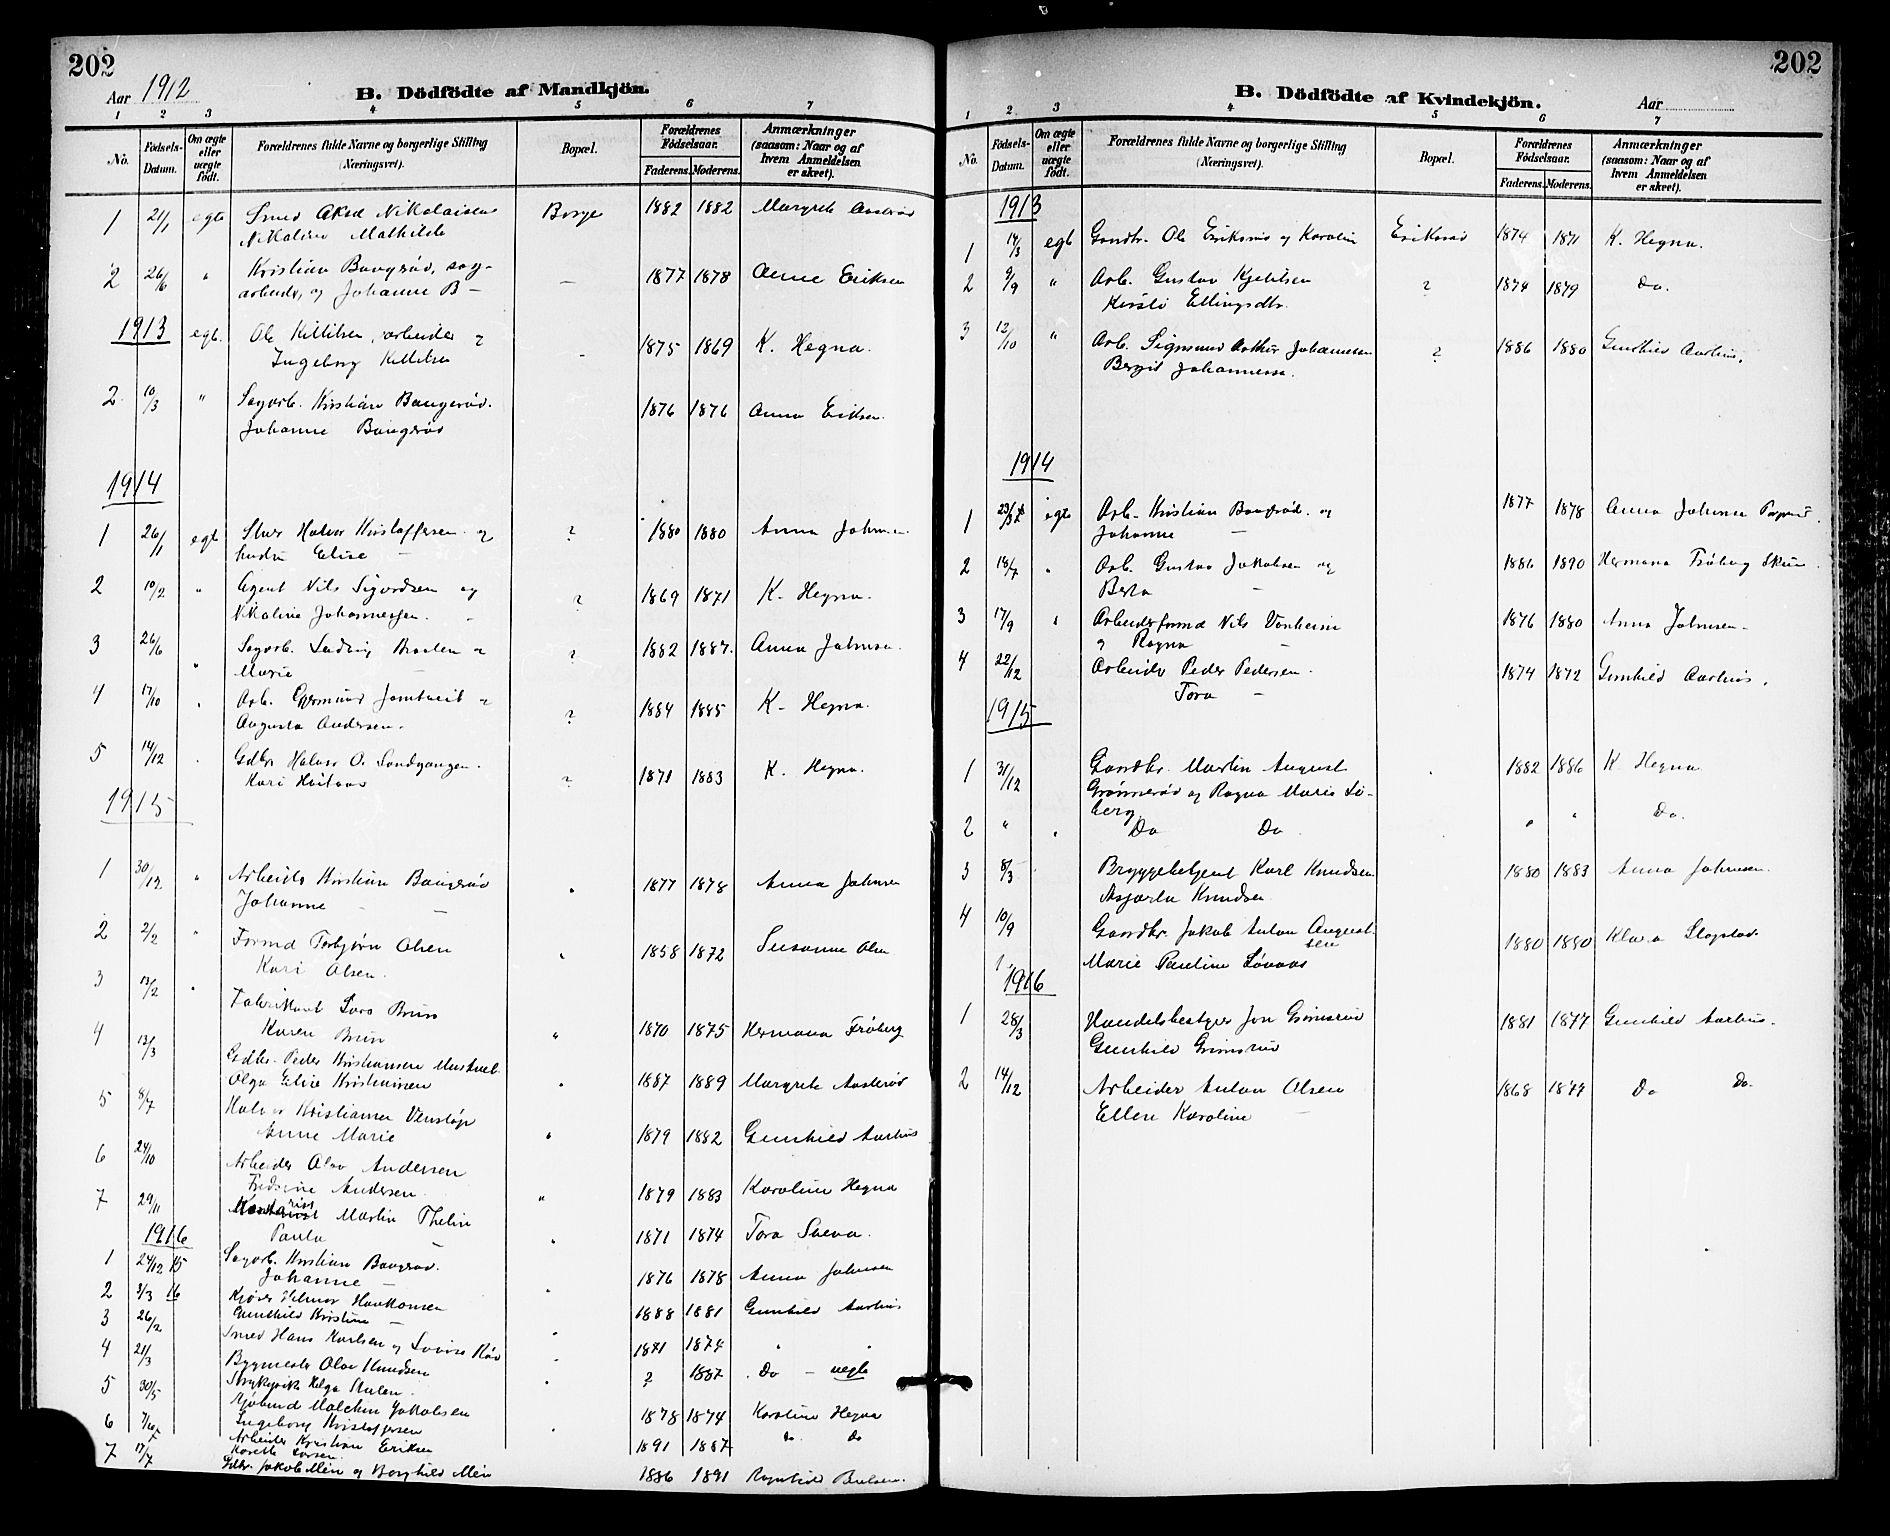 SAKO, Gjerpen kirkebøker, G/Ga/L0003: Klokkerbok nr. I 3, 1901-1919, s. 202